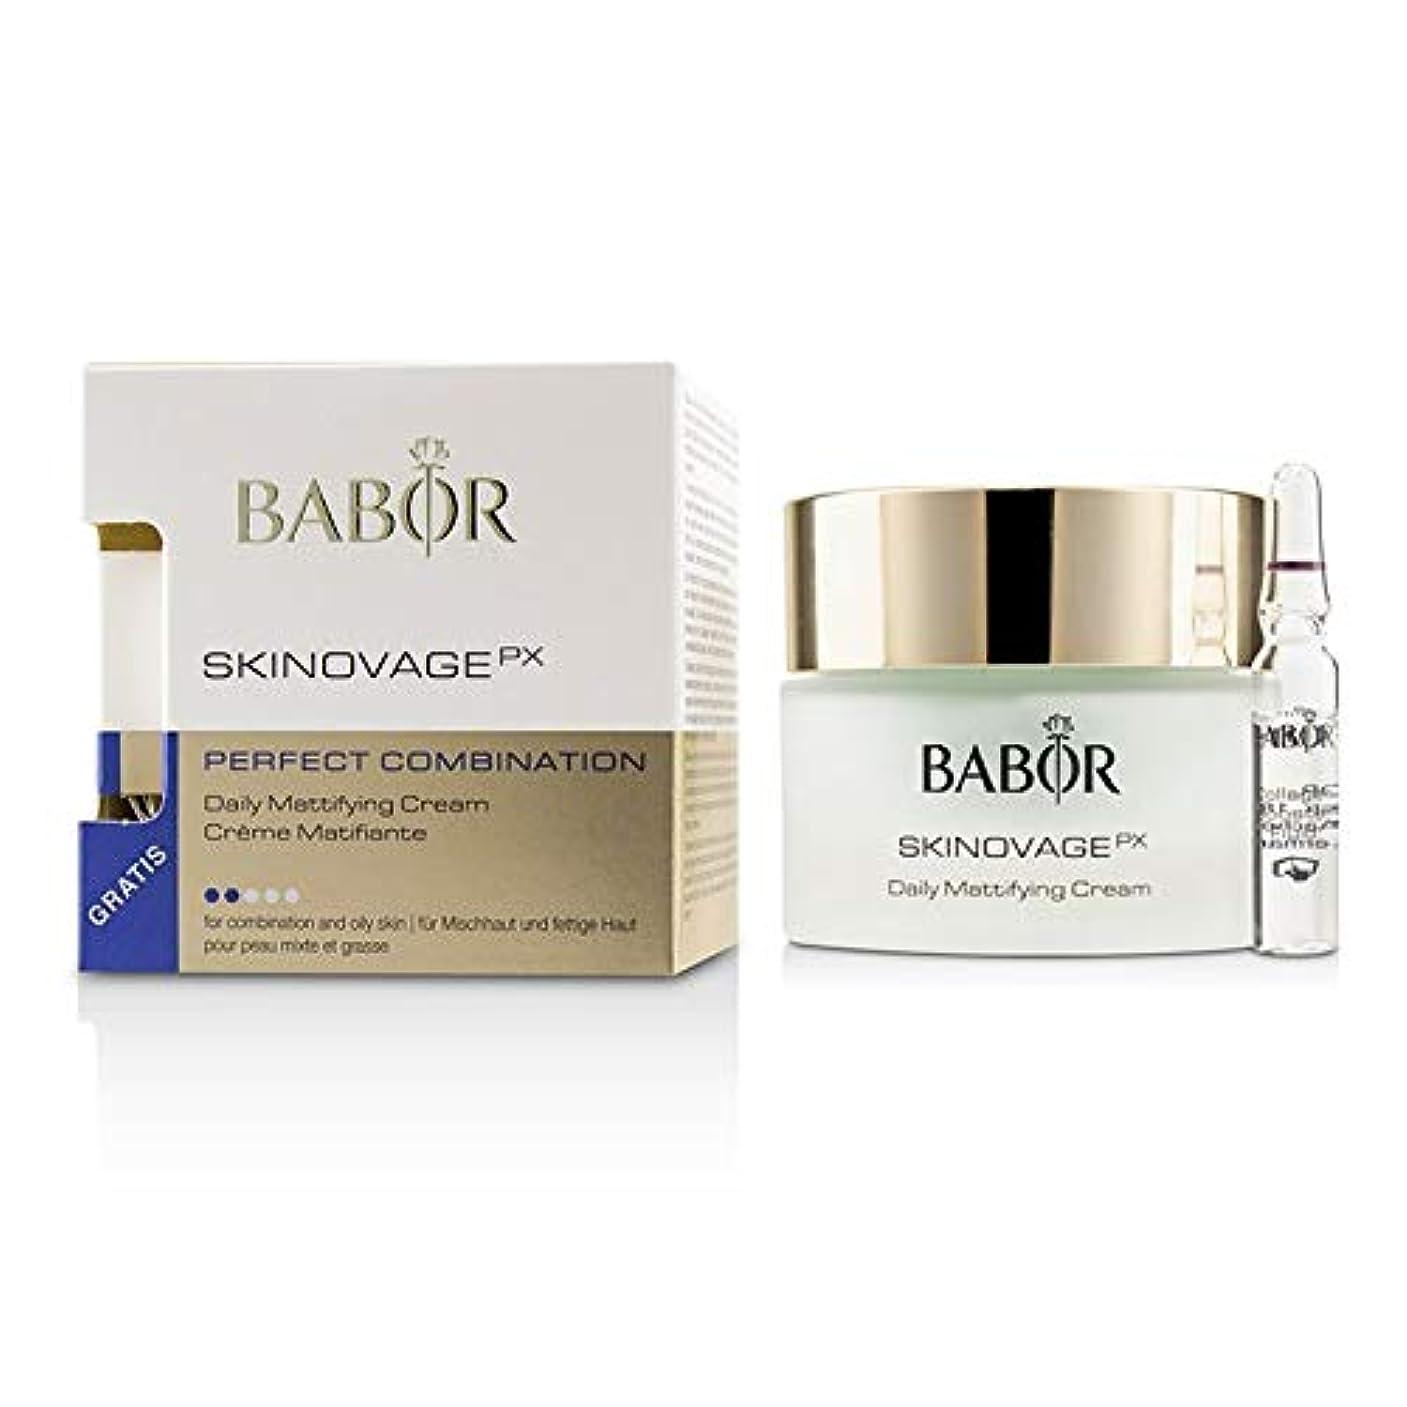 ワゴン固める小石バボール Skinovage PX Perfect Combination Daily Mattifying Cream (with Free Collagen Booster Fluid 2ml) - For Combination & Oily Skin 50ml/1.7oz並行輸入品